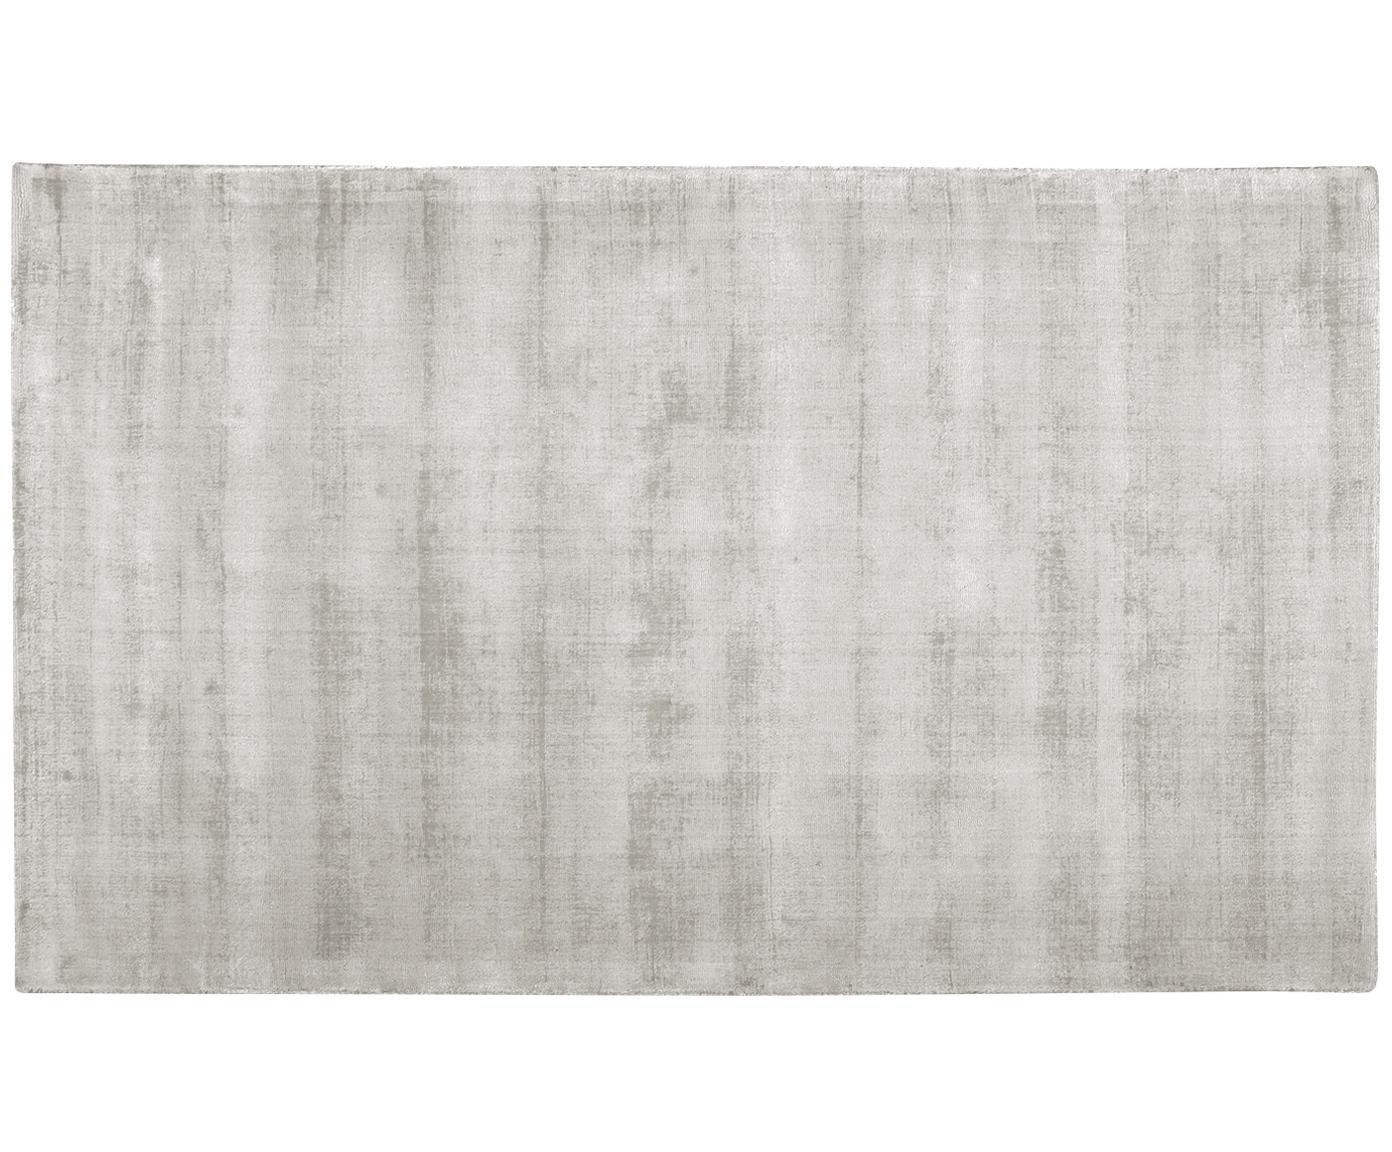 Handgeweven viscose vloerkleed Jane, Bovenzijde: 100% viscose, Onderzijde: 100% katoen, Lichtgrijs-beige, 400 x 500 cm